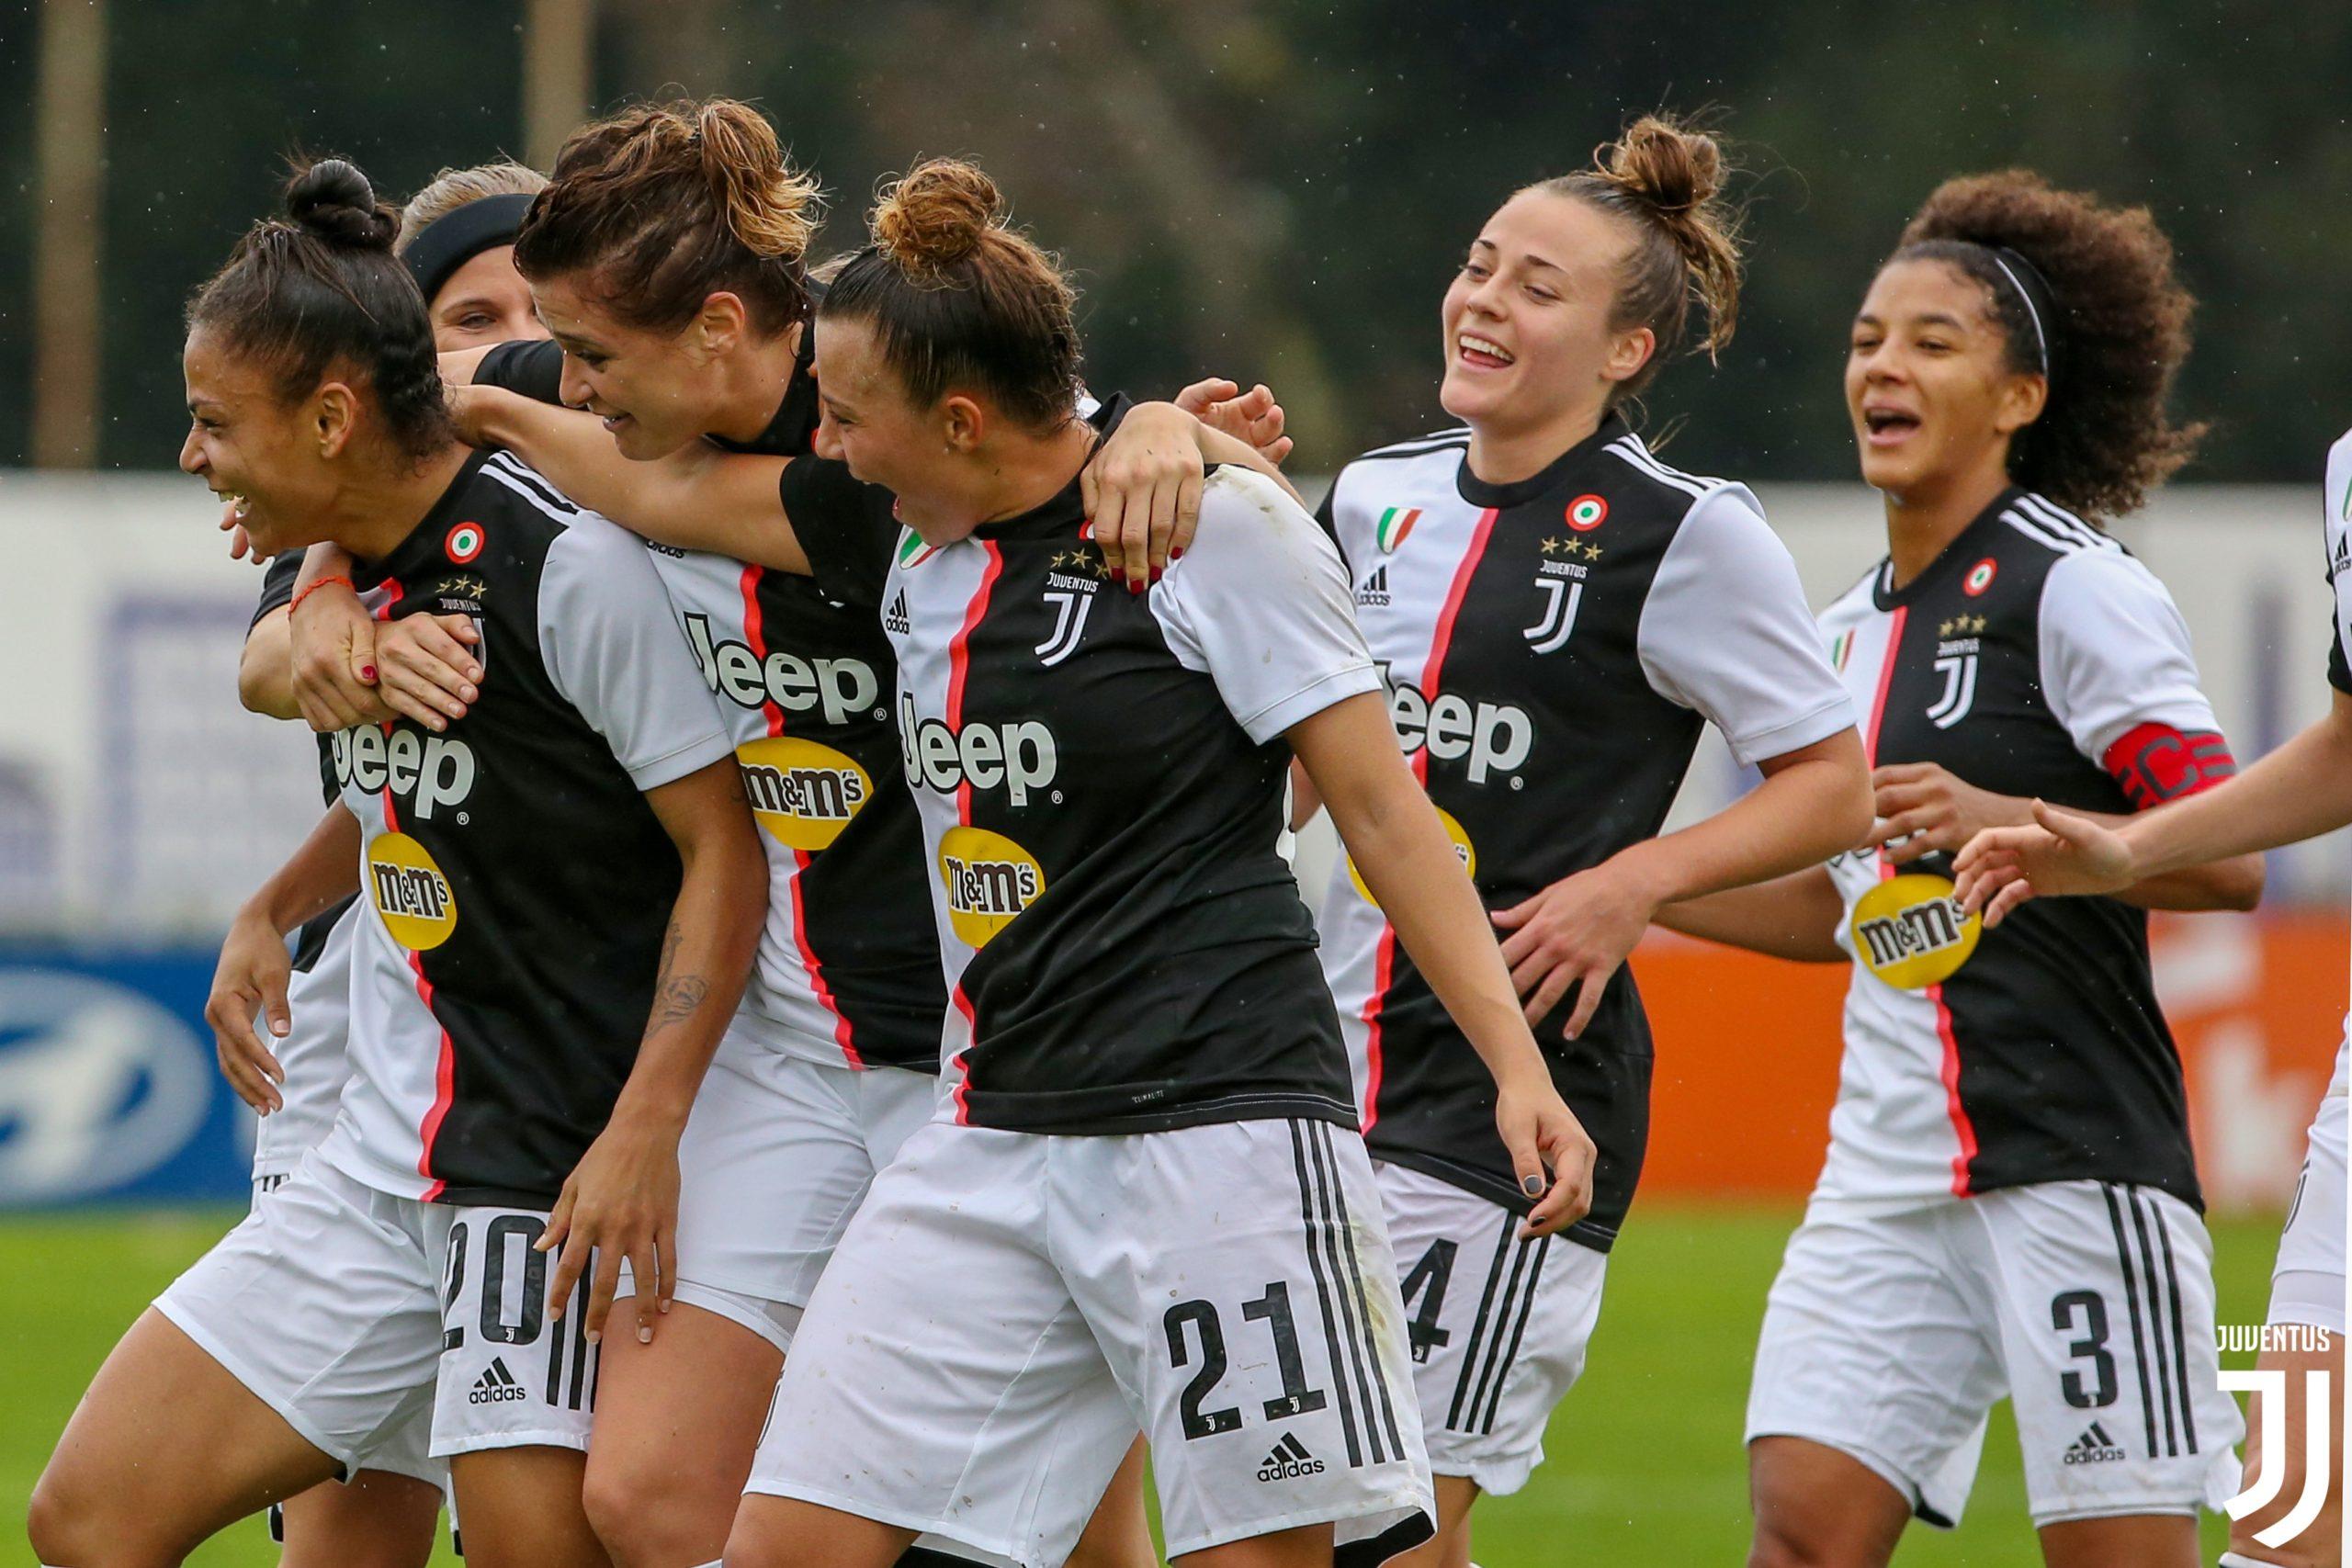 Calcio femminile: davanti corrono, la Roma perde terreno